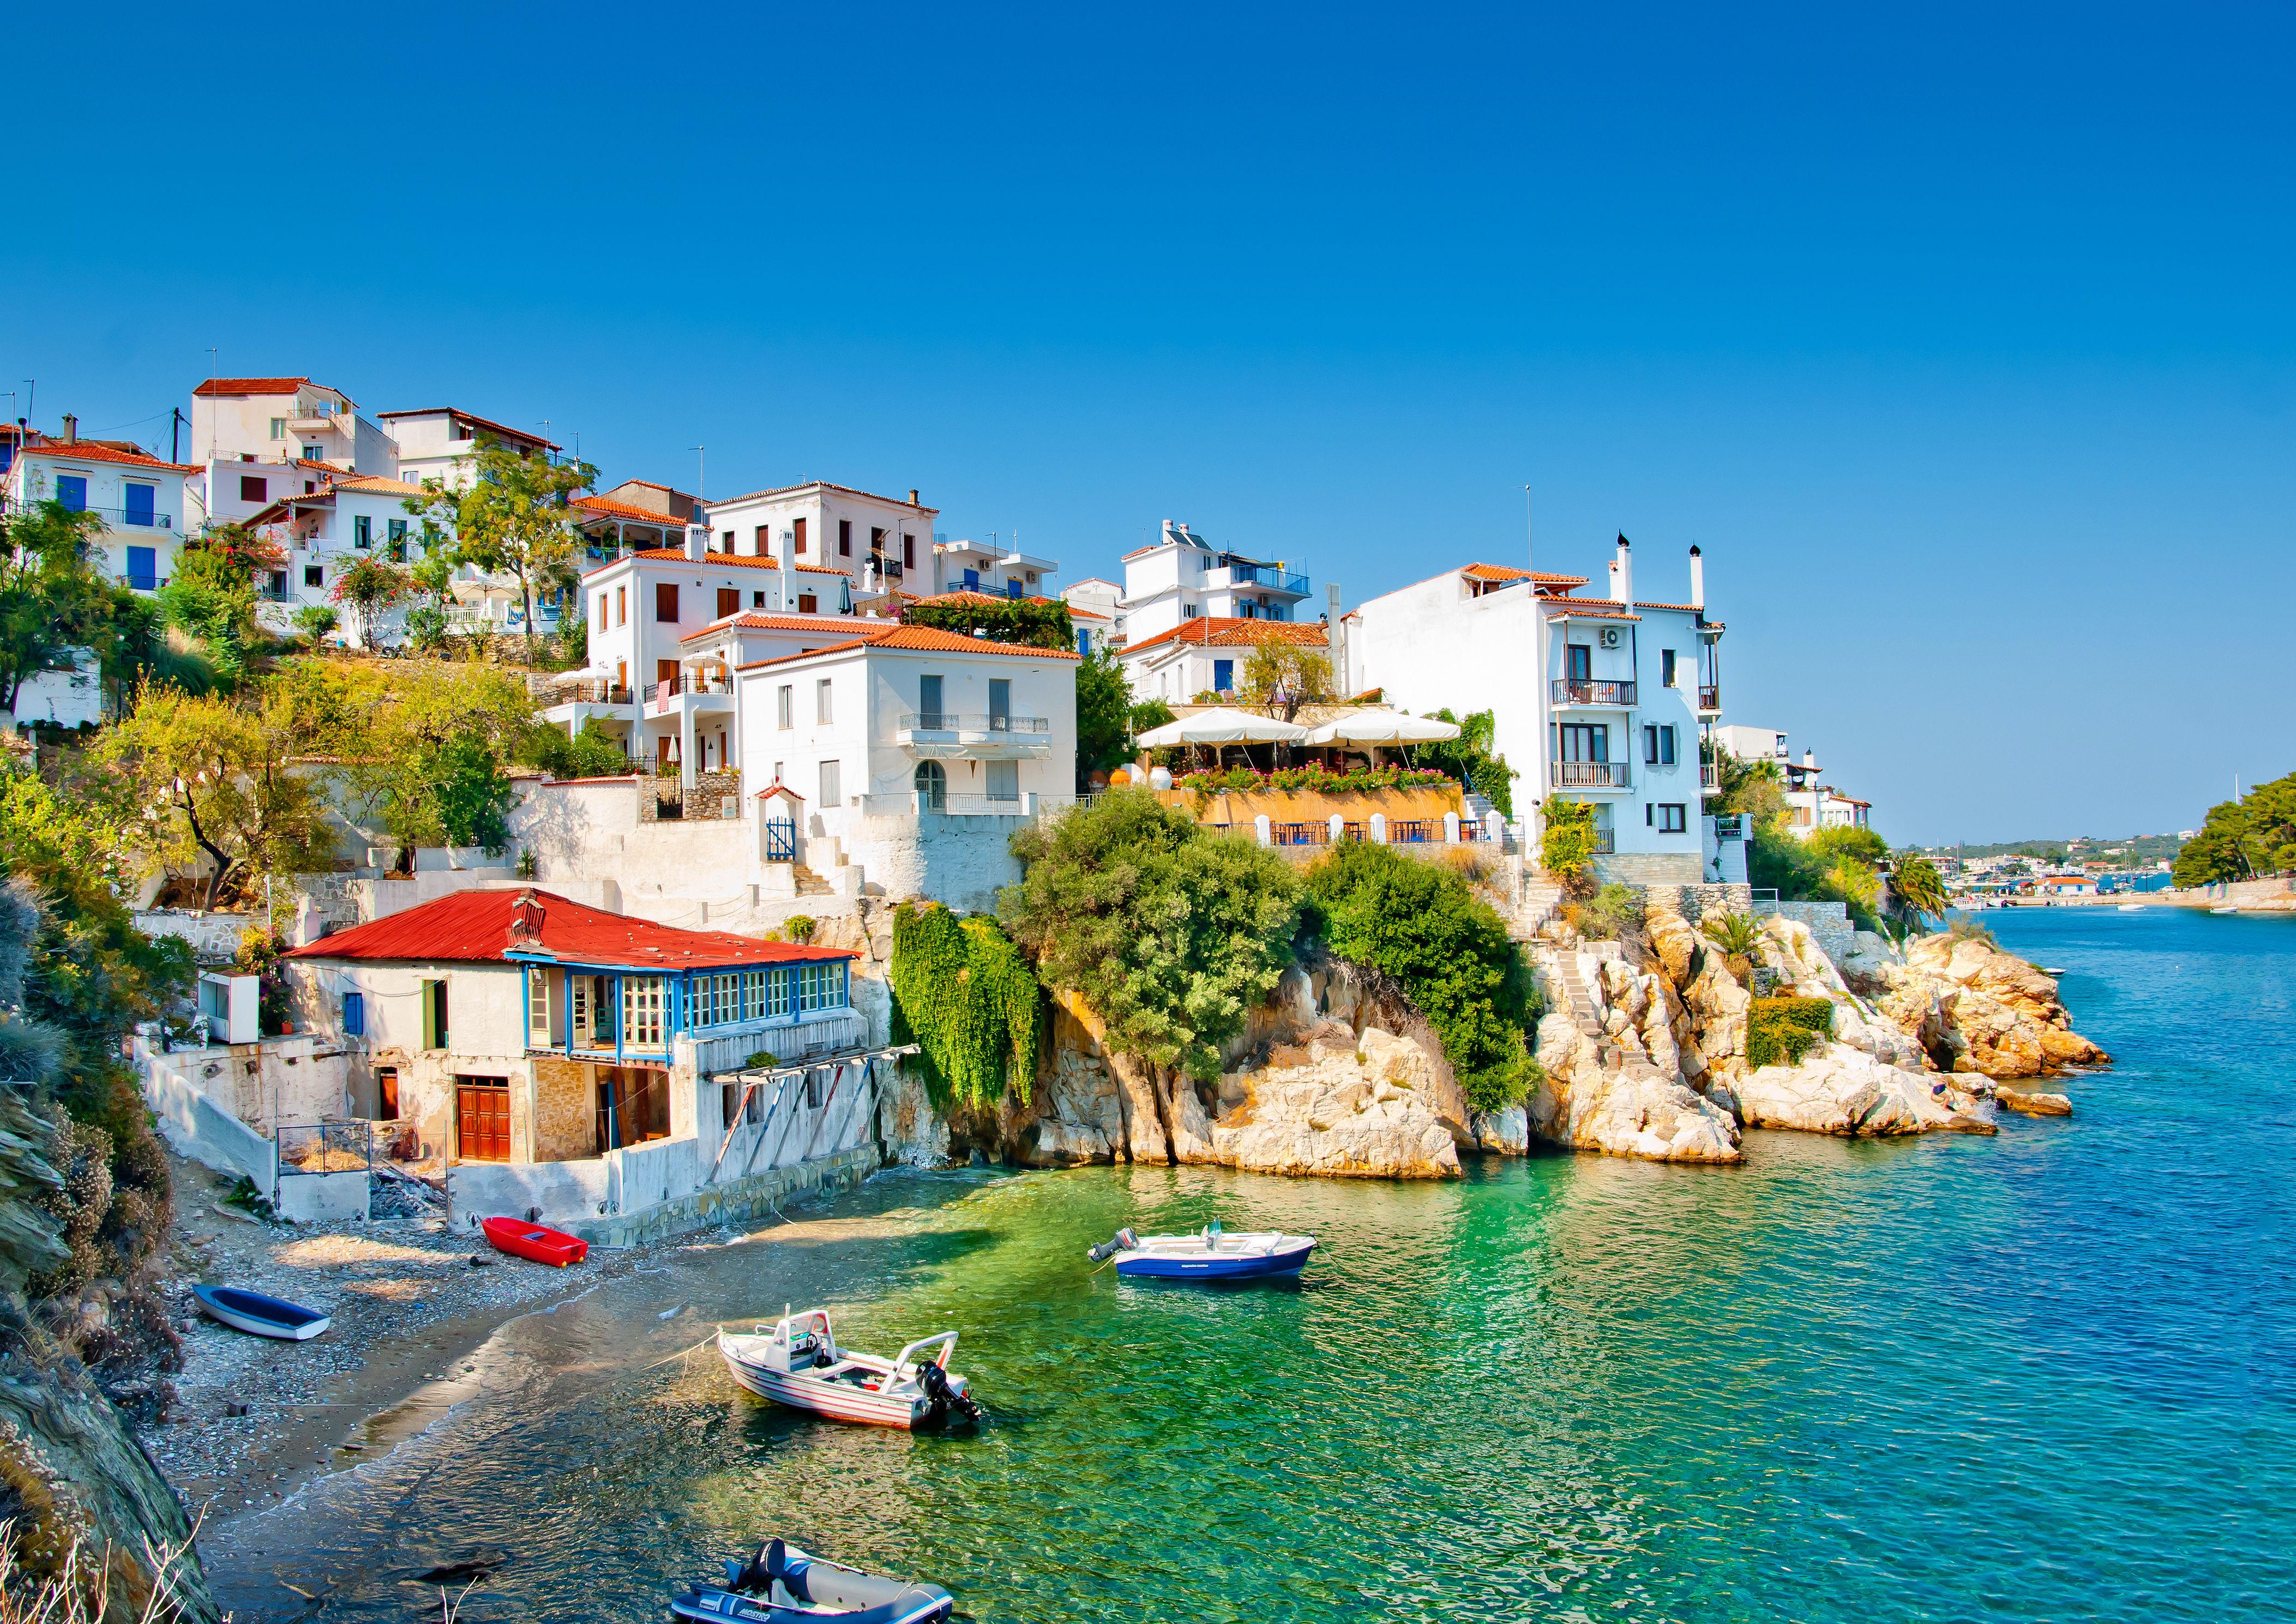 Как сэкономить на отпуске, используя смекалку и онлайн-сервисы